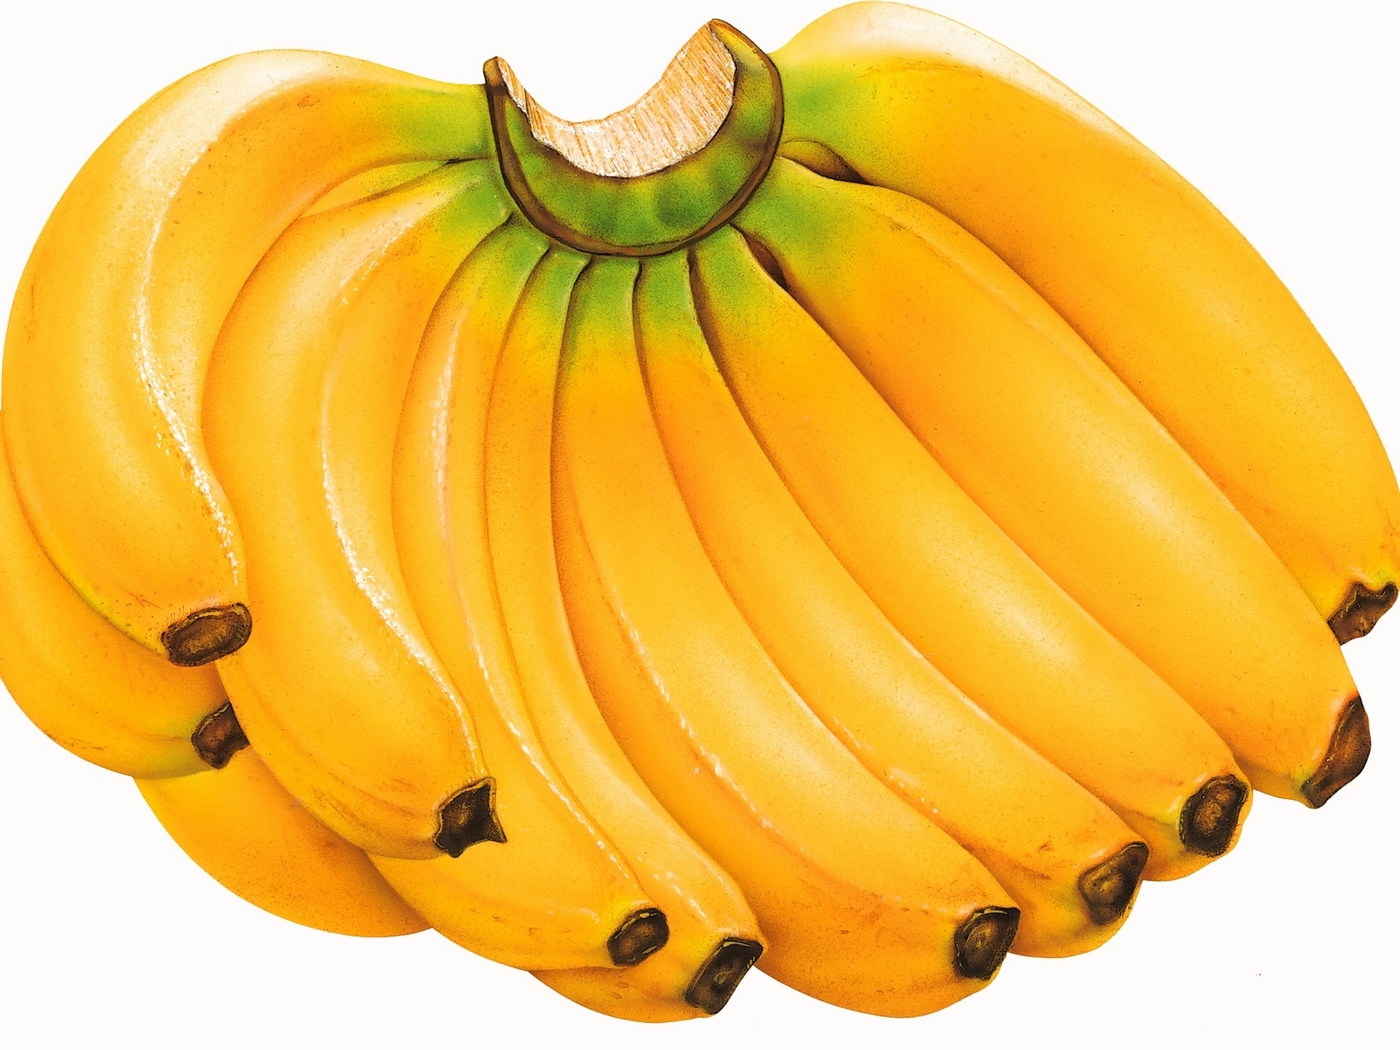 картинки забавного банана использовали громадные